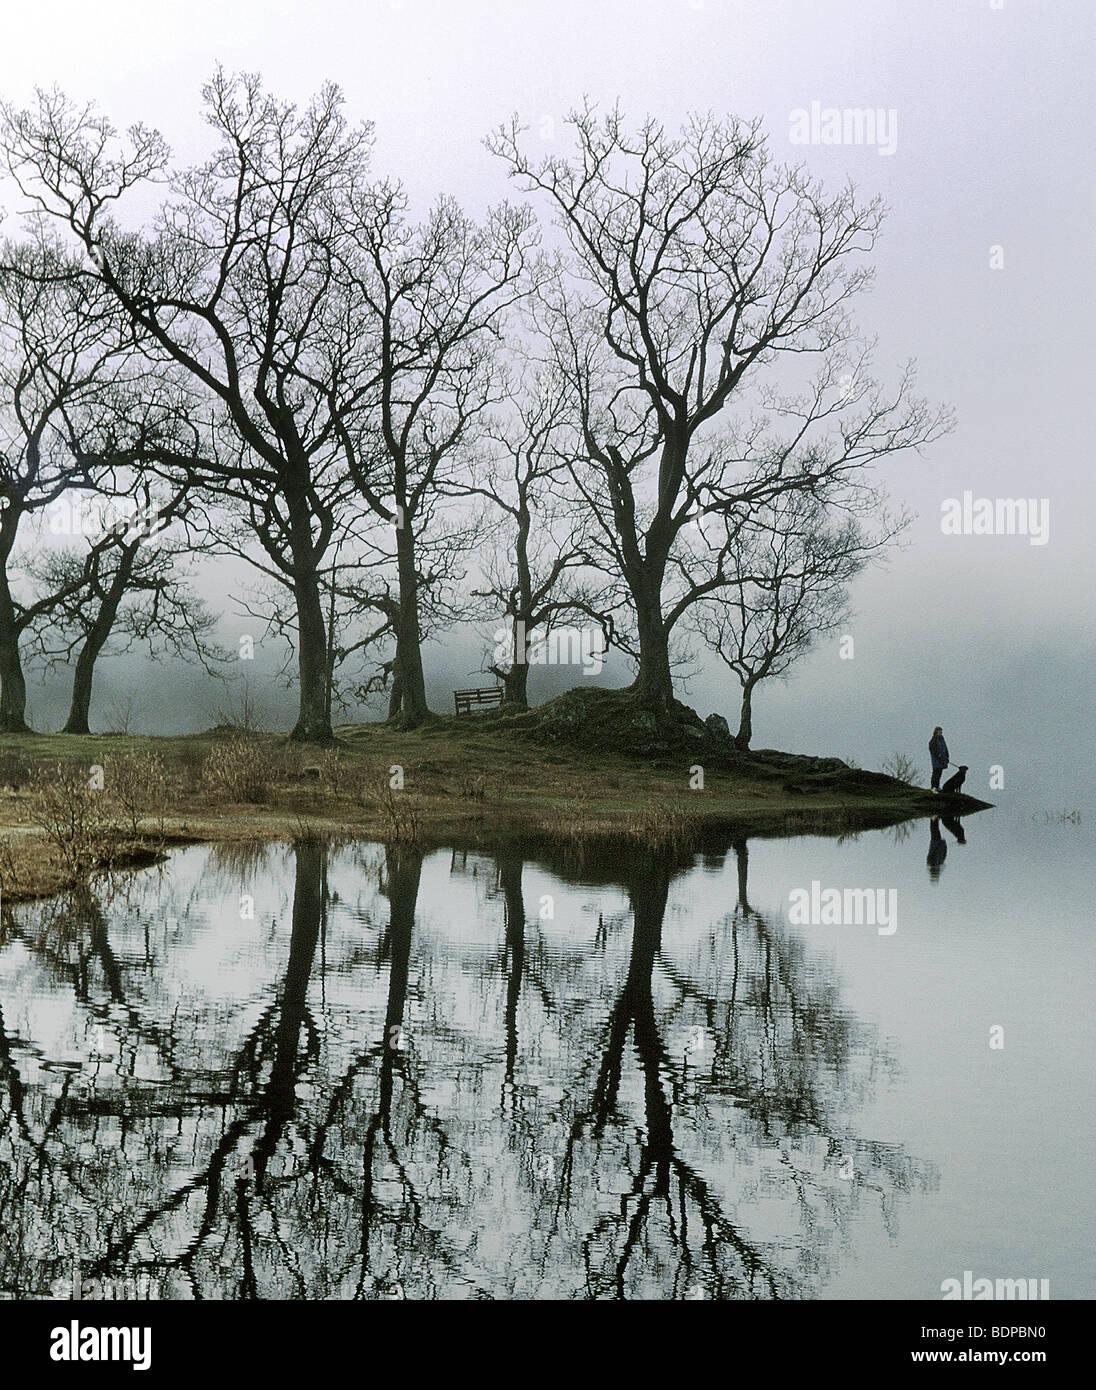 Una figura con un perro de pie junto a un lago con árboles Imagen De Stock